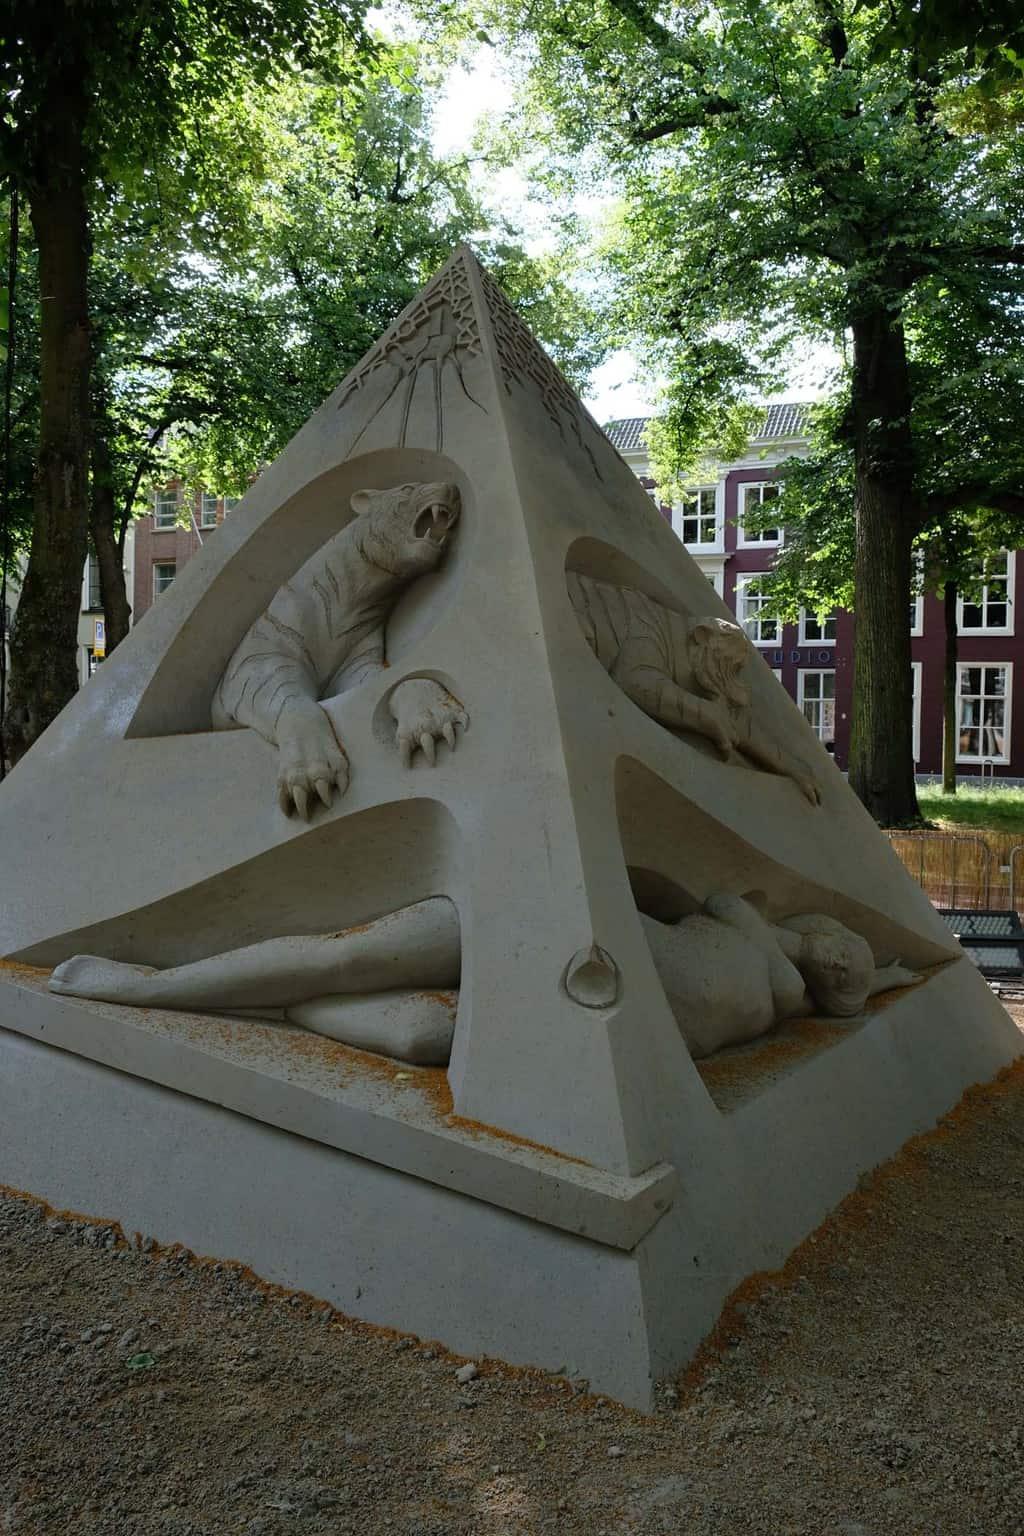 Wk zandsculpturen